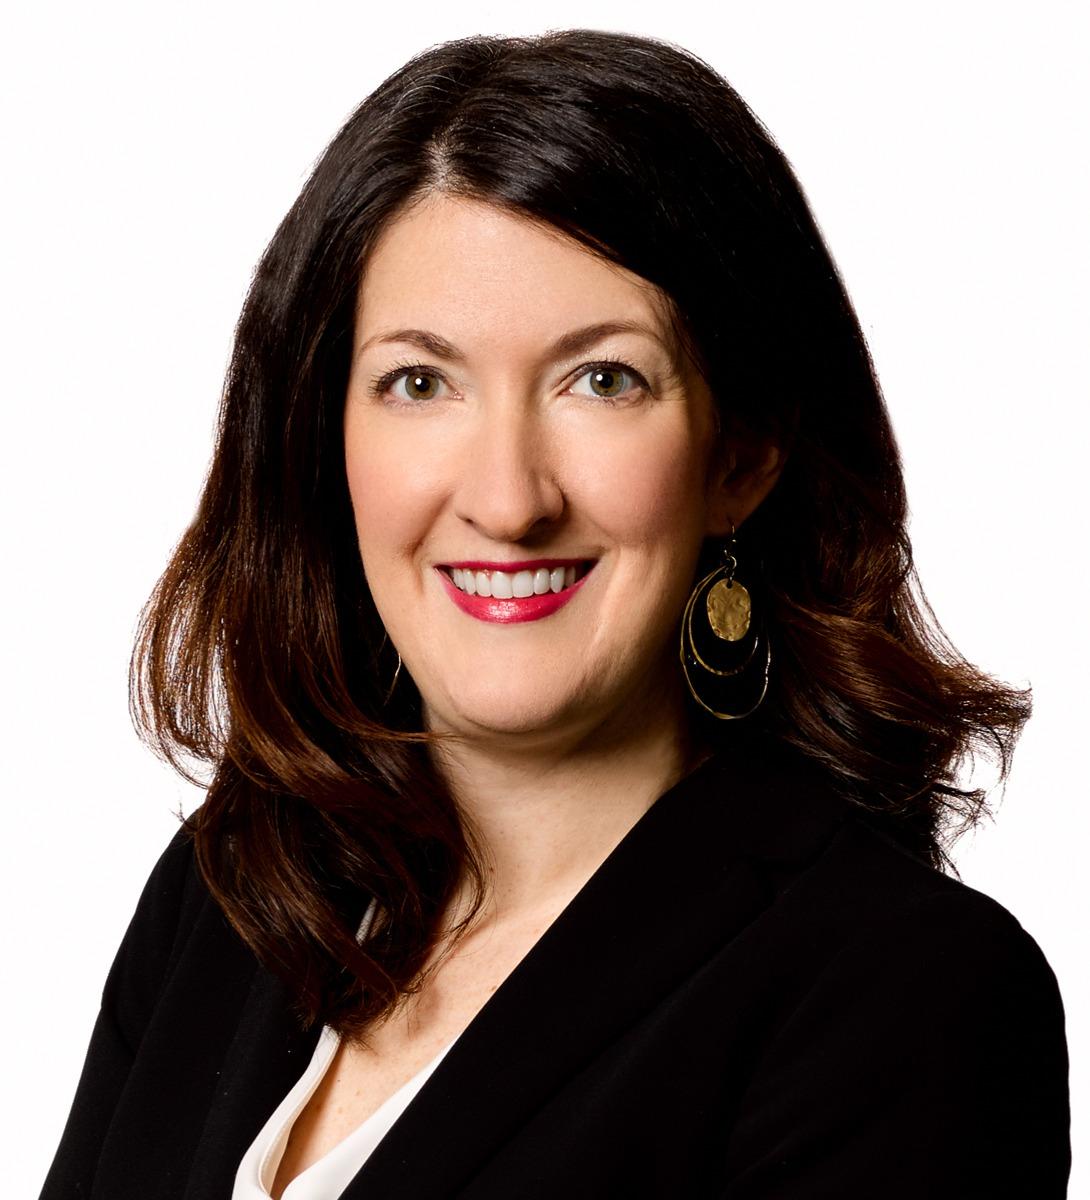 Erin E. McCampbell